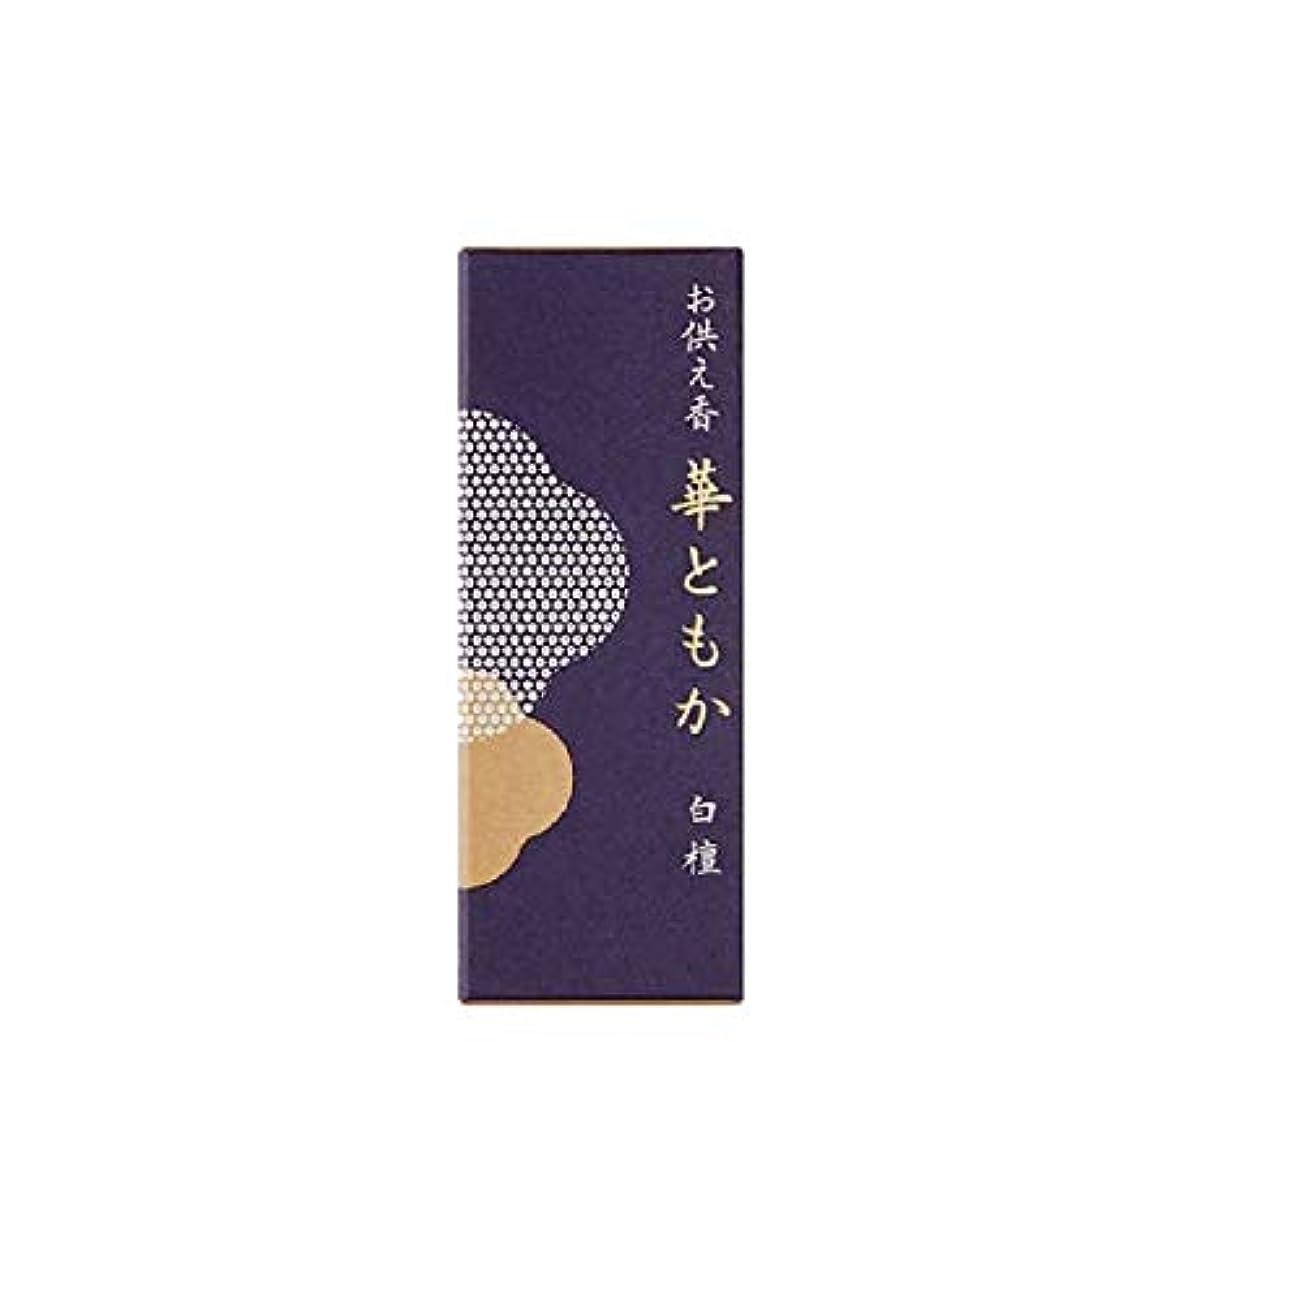 お供え香 華ともか 補充用香料 白檀の香り